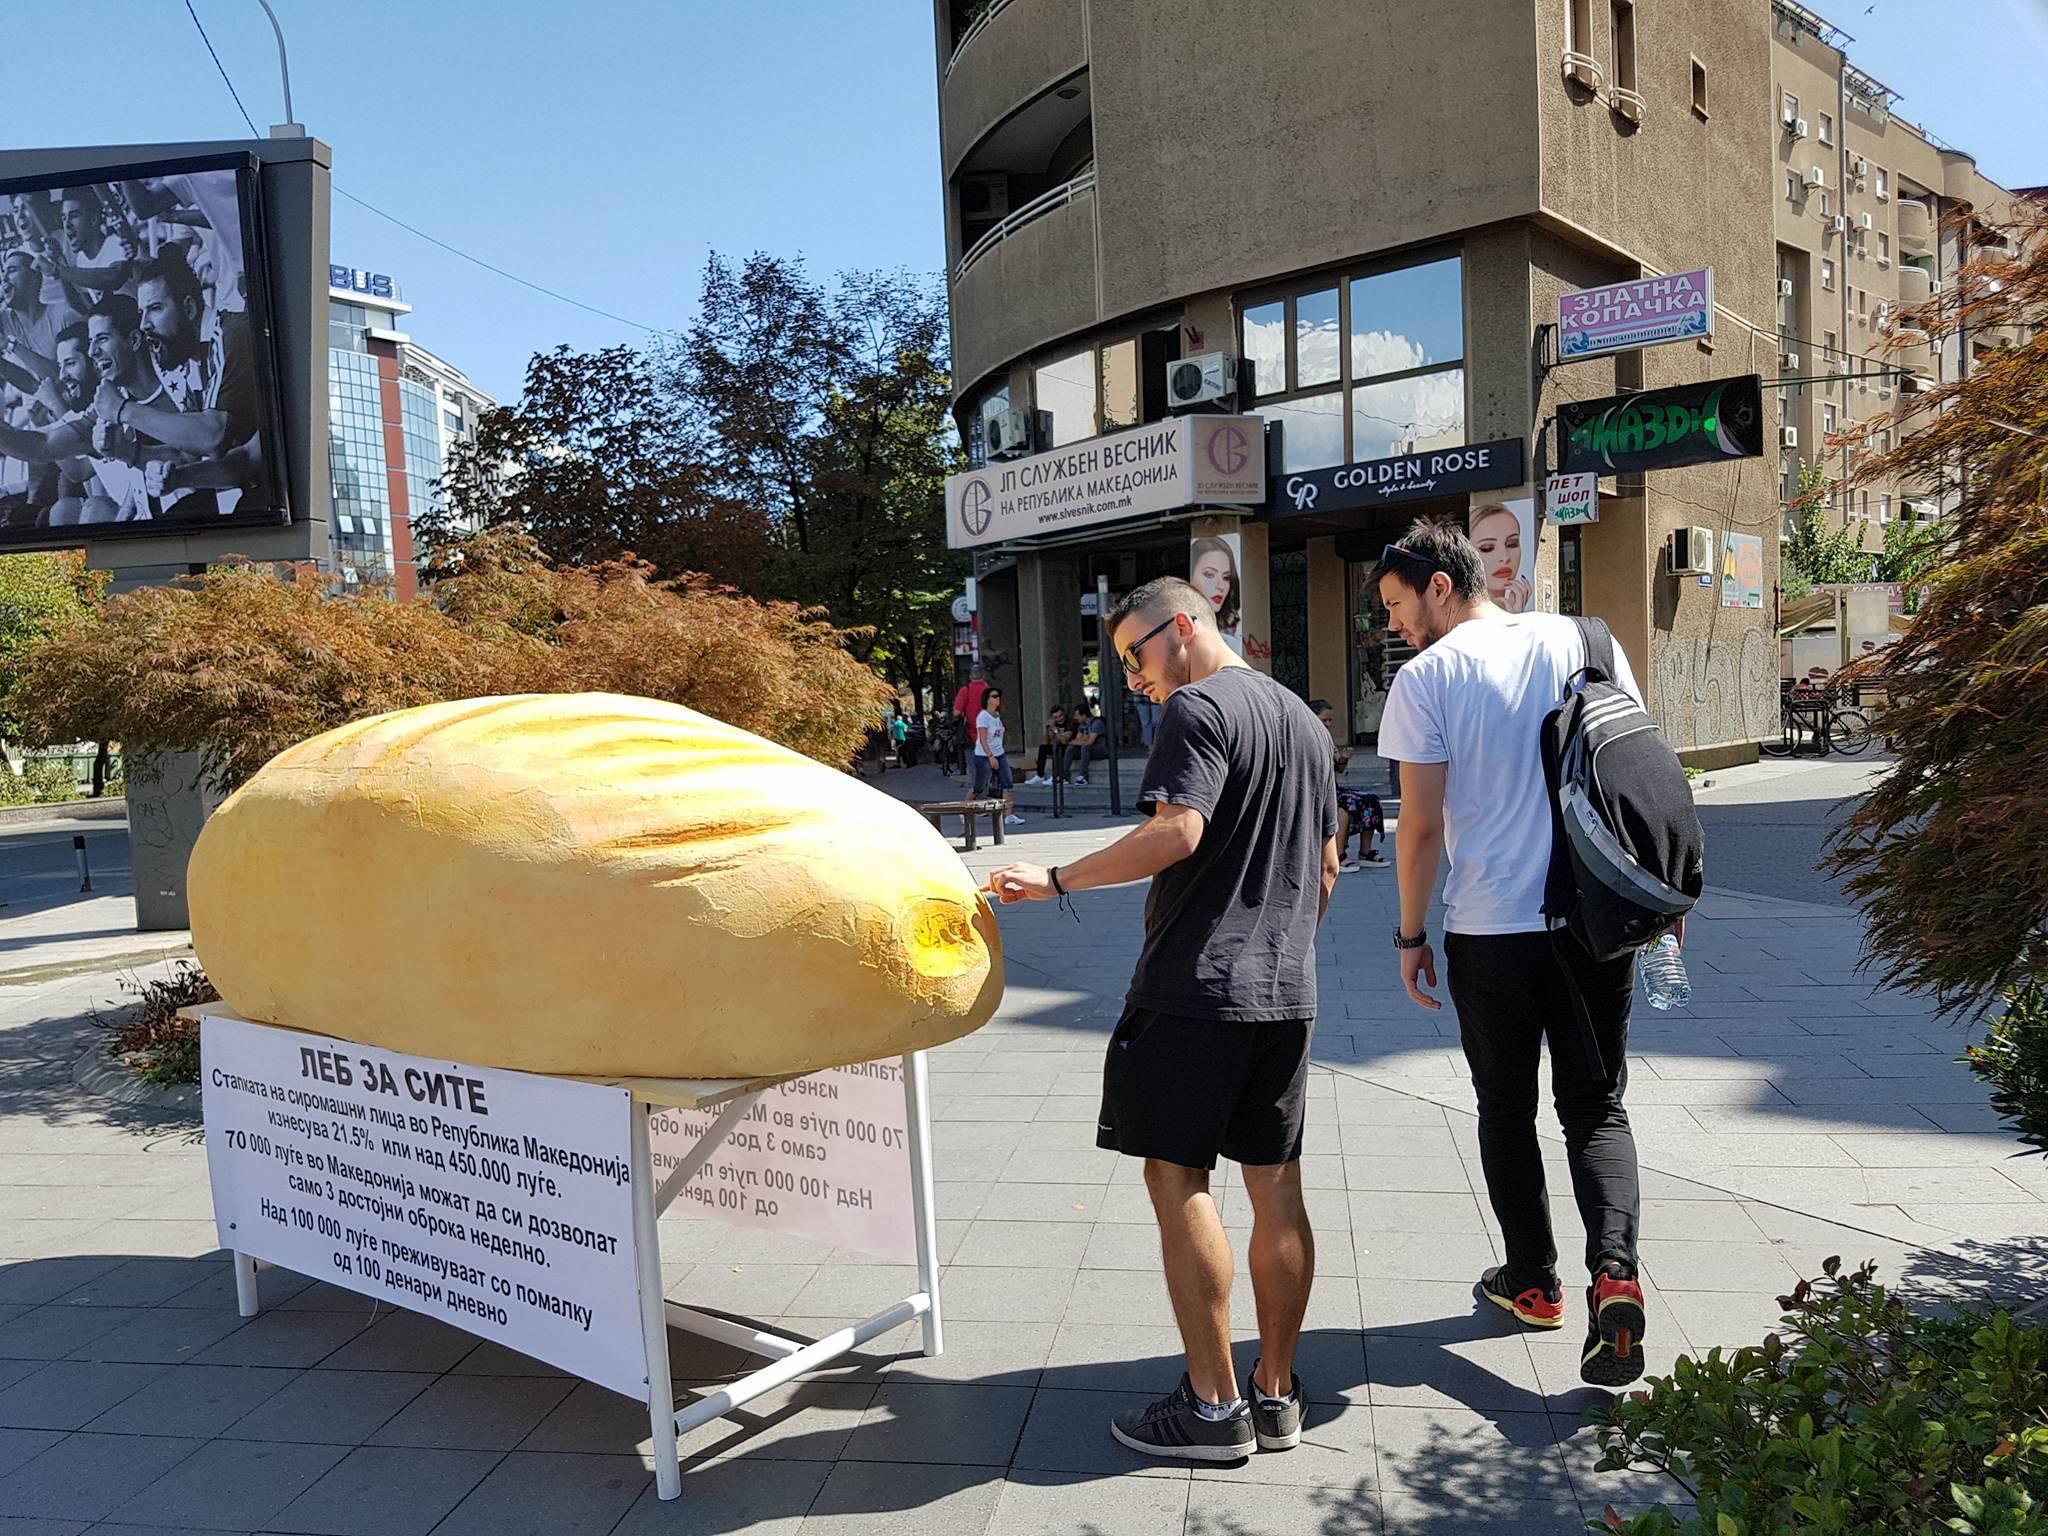 ФОТО галерија  Огромна векна леб ги зачуди минувачите среде Скопје